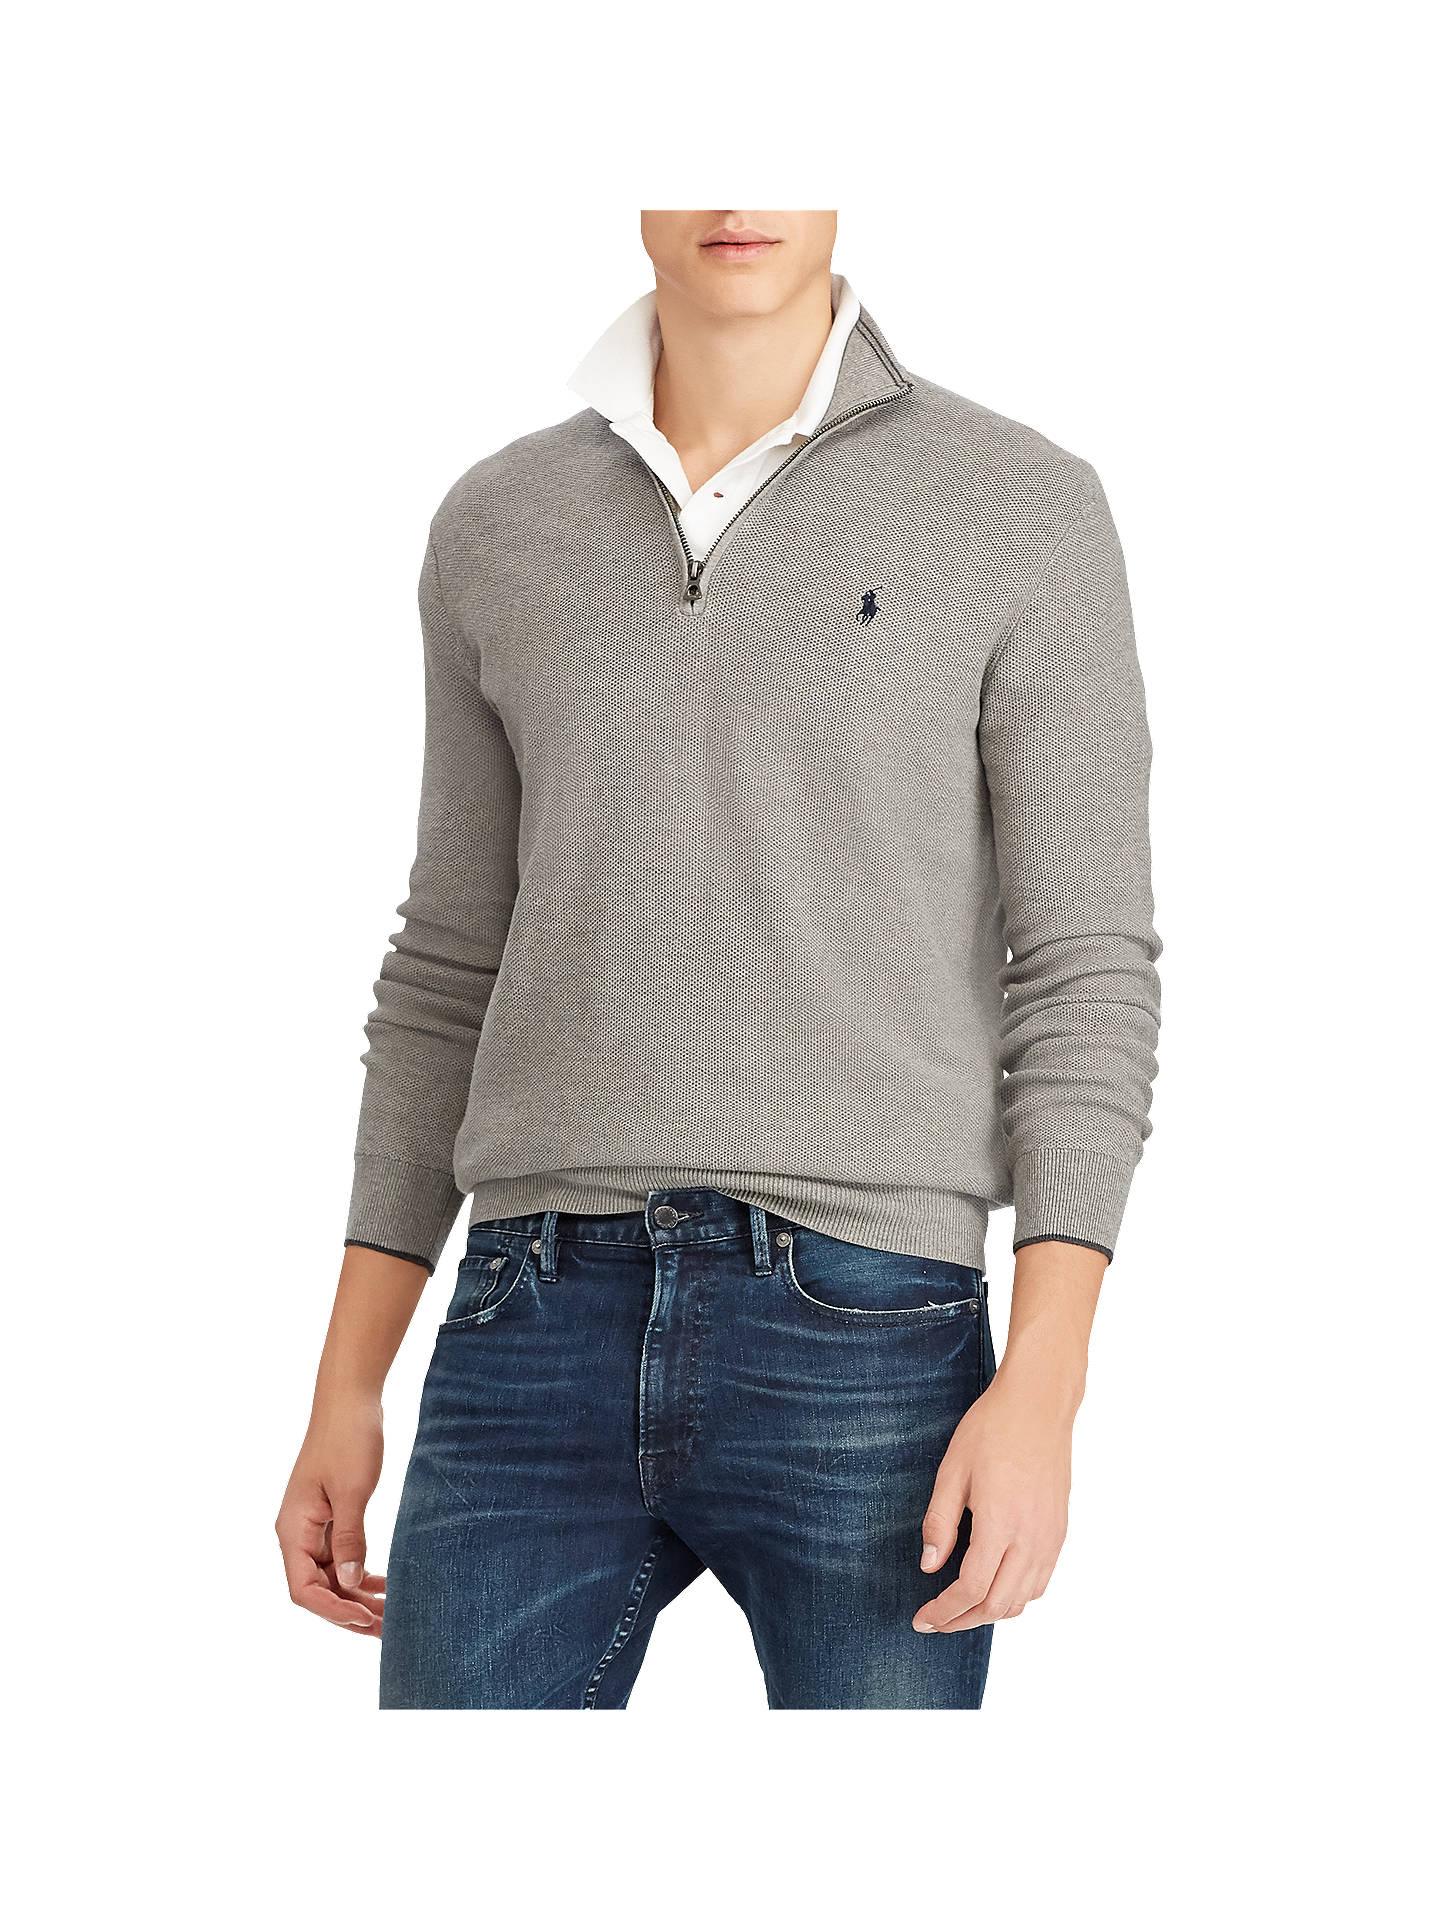 3ba1a4f53ab1 Buy Polo Ralph Lauren Half Zip Textured Knit Jumper